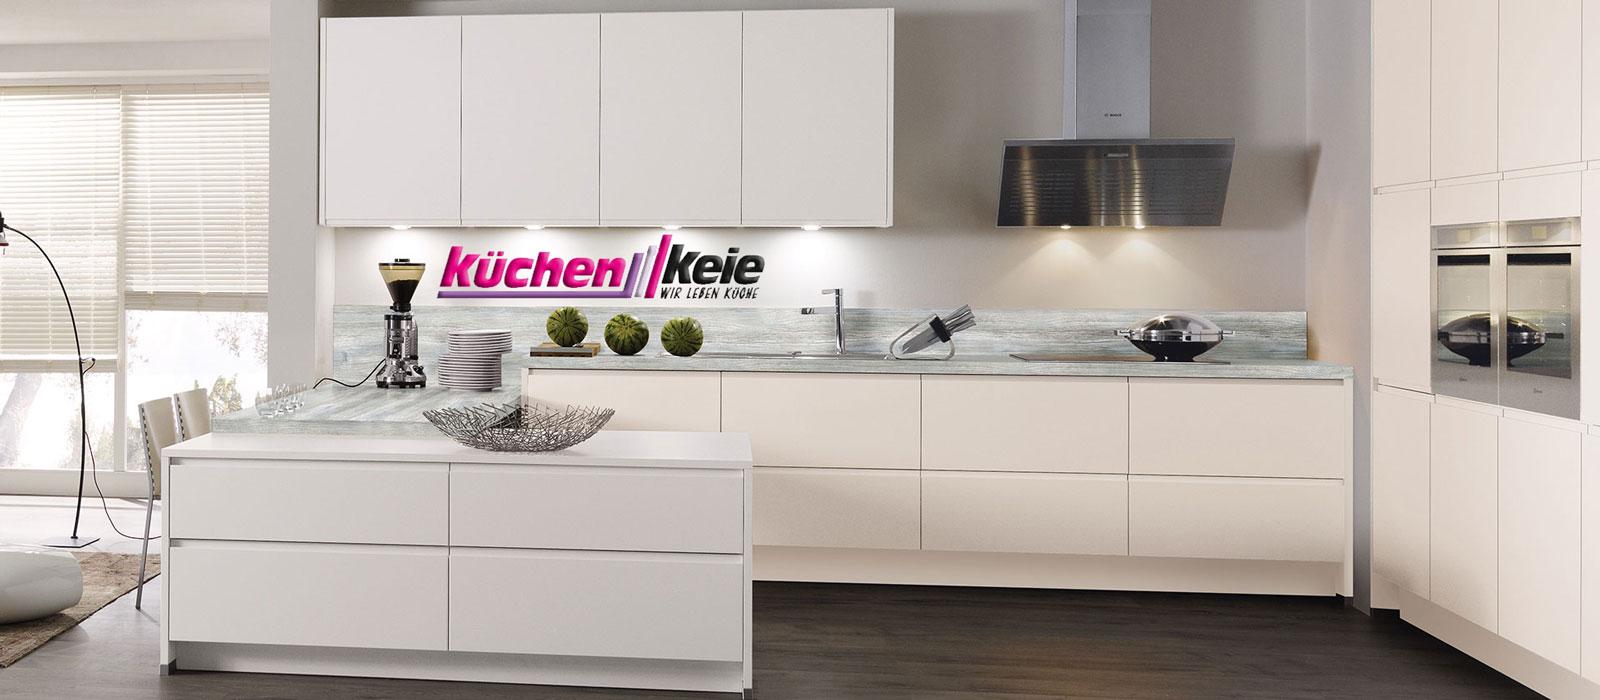 küchenstudio bad kreuznach küchenstudio bingen am rhein